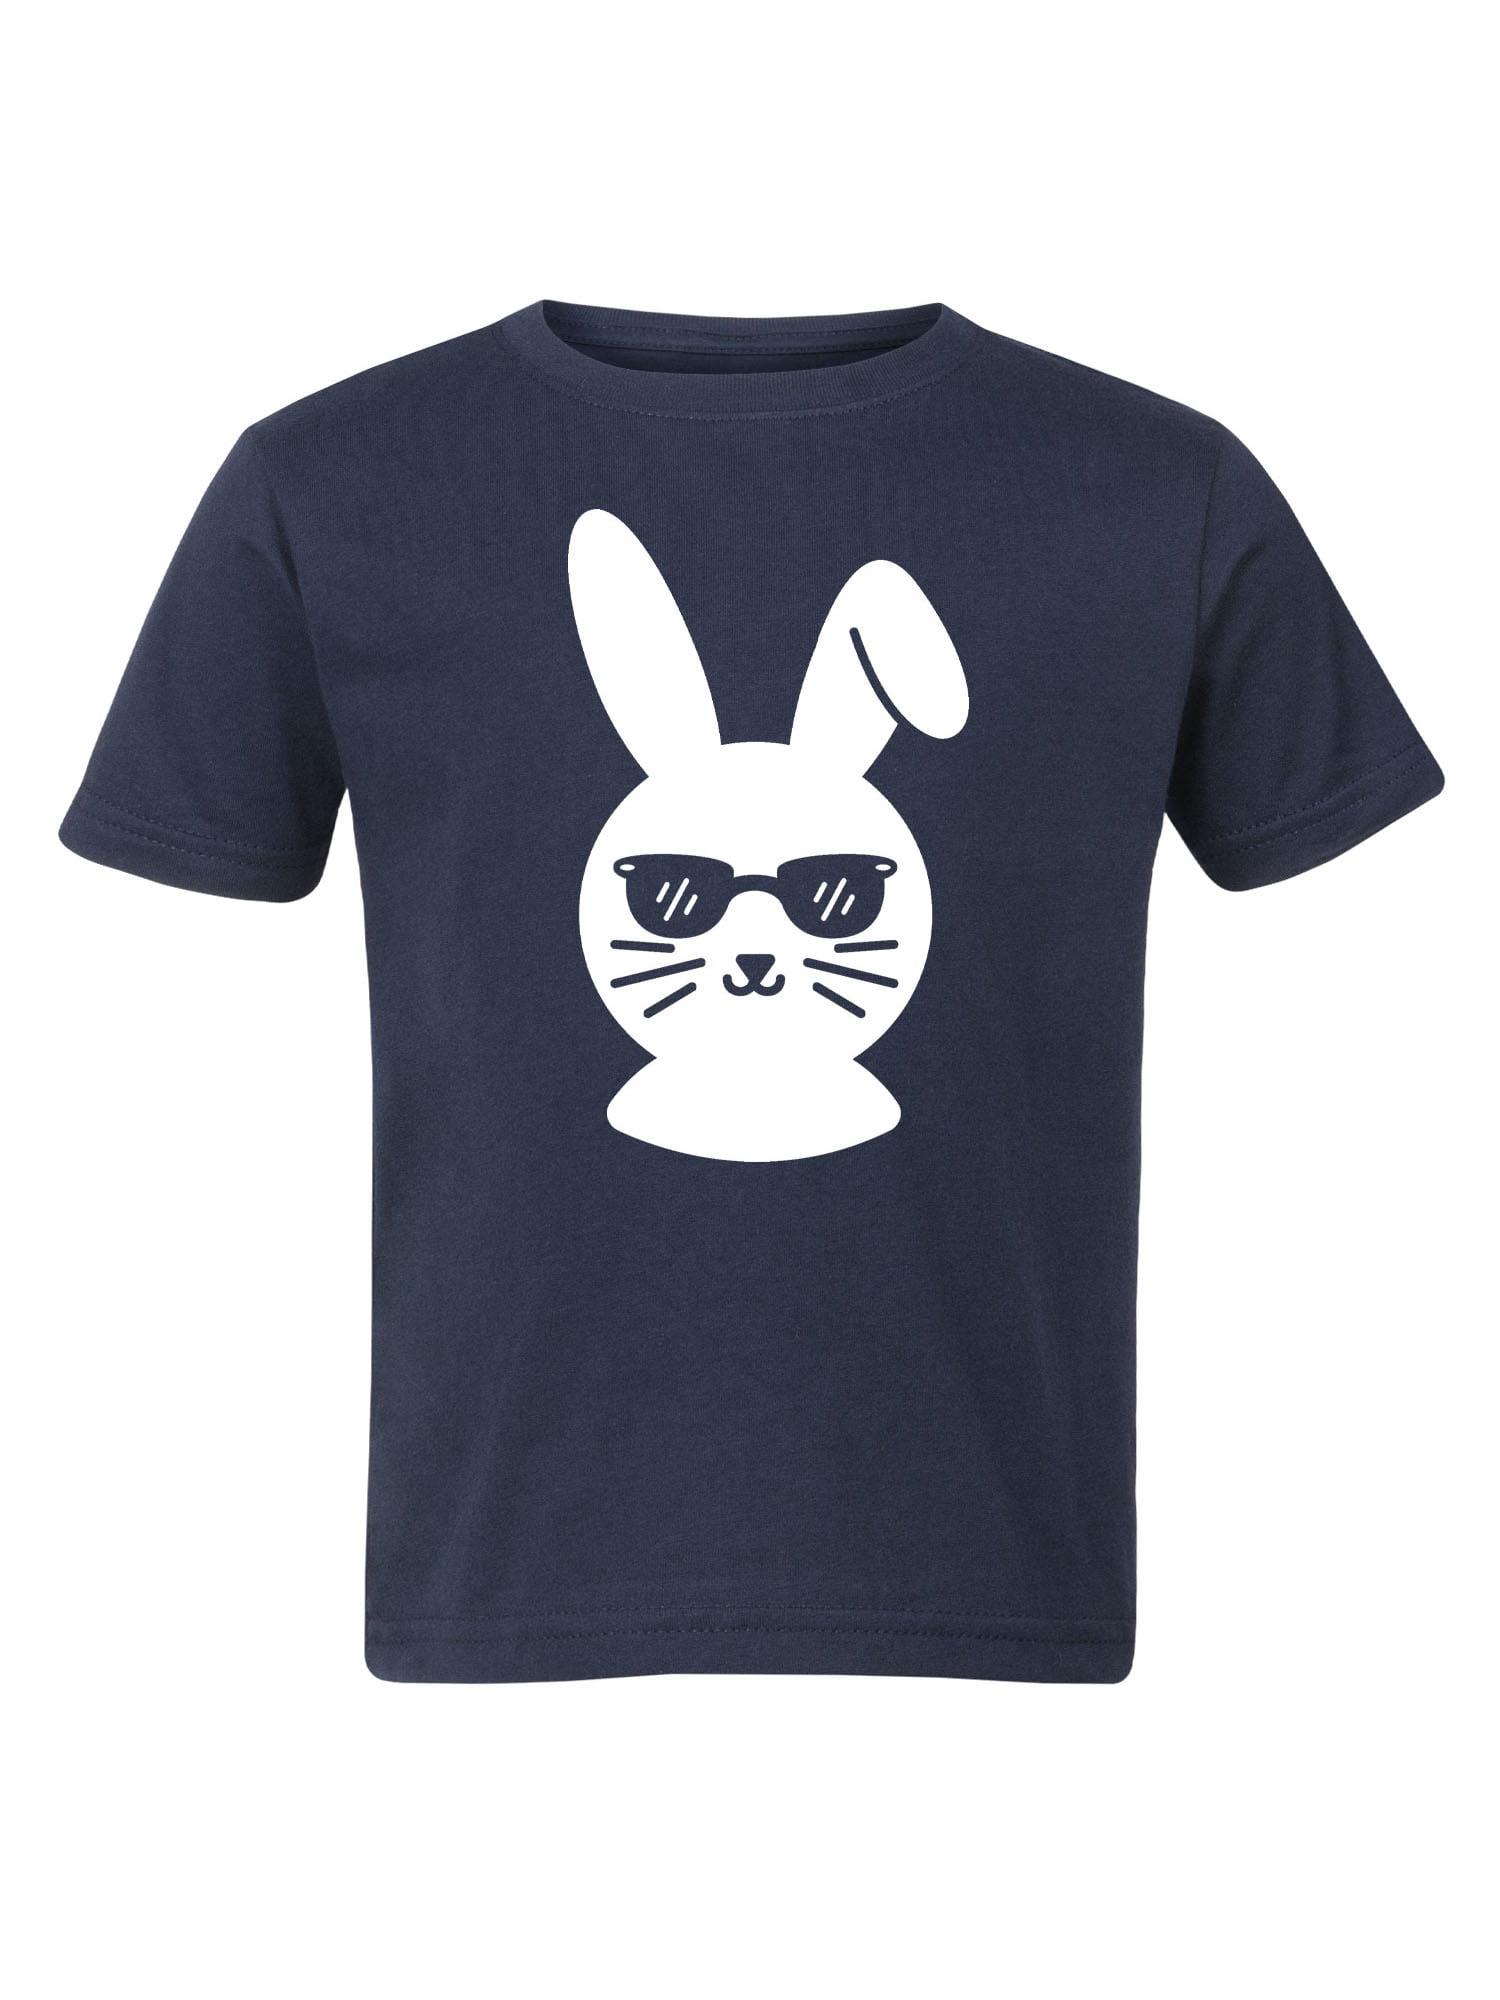 Boy Bunny Head-Toddler Short Sleeve Tee